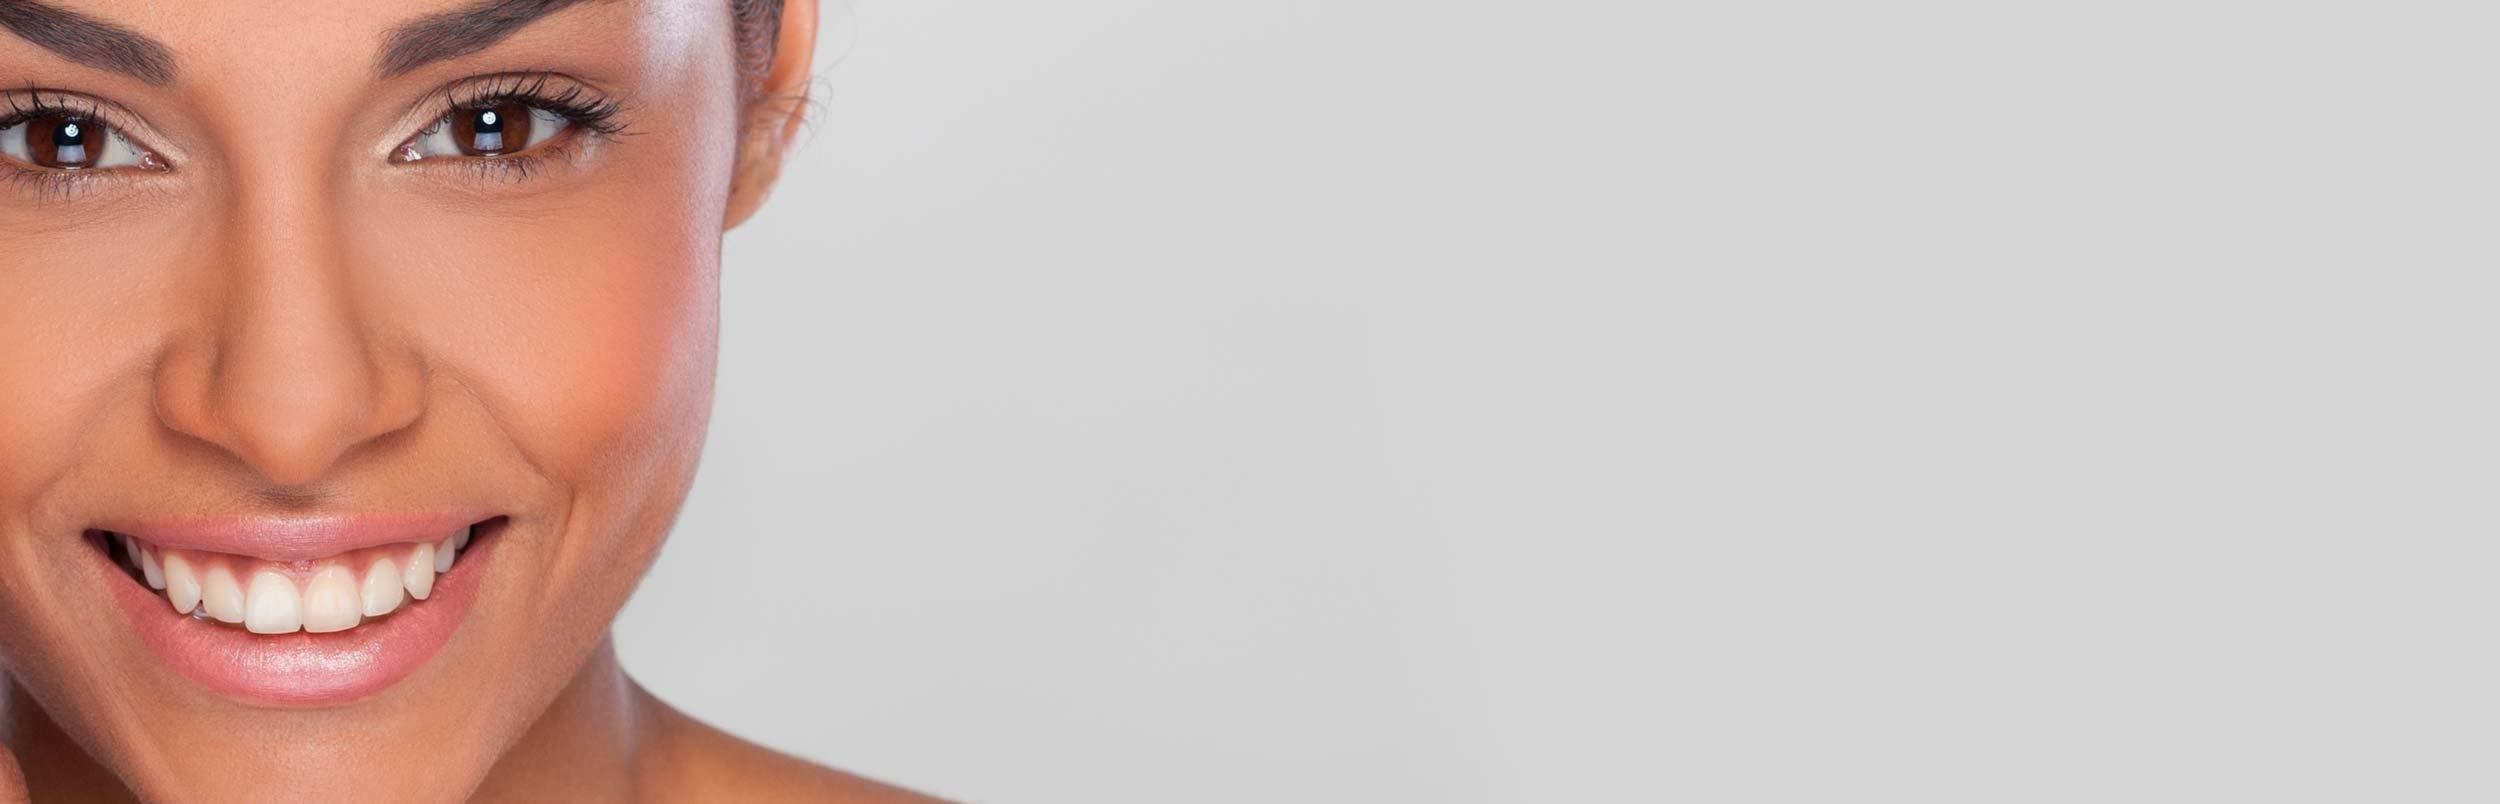 Refines enlarged pores – ZO®Skin Health